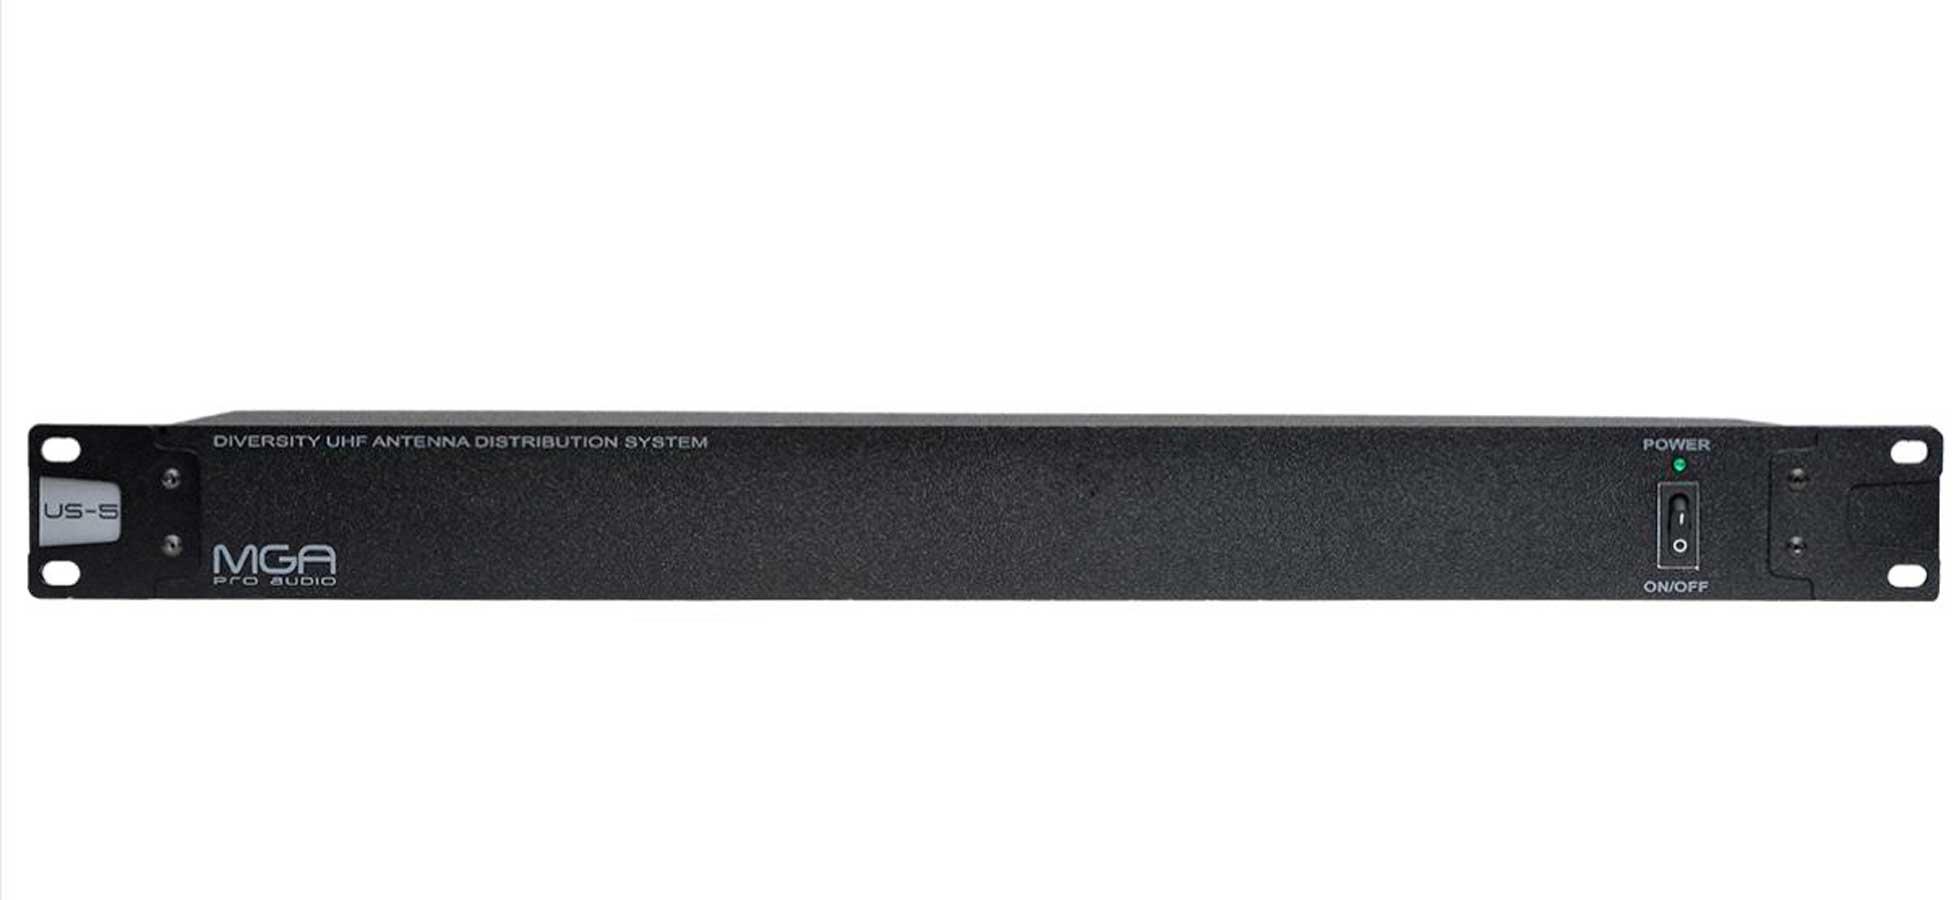 Distribuidor de RF ativo | até 5 receptores e 1 par de antenas | 470 ~ 952 MHz | MGA Pro Audio | US-5